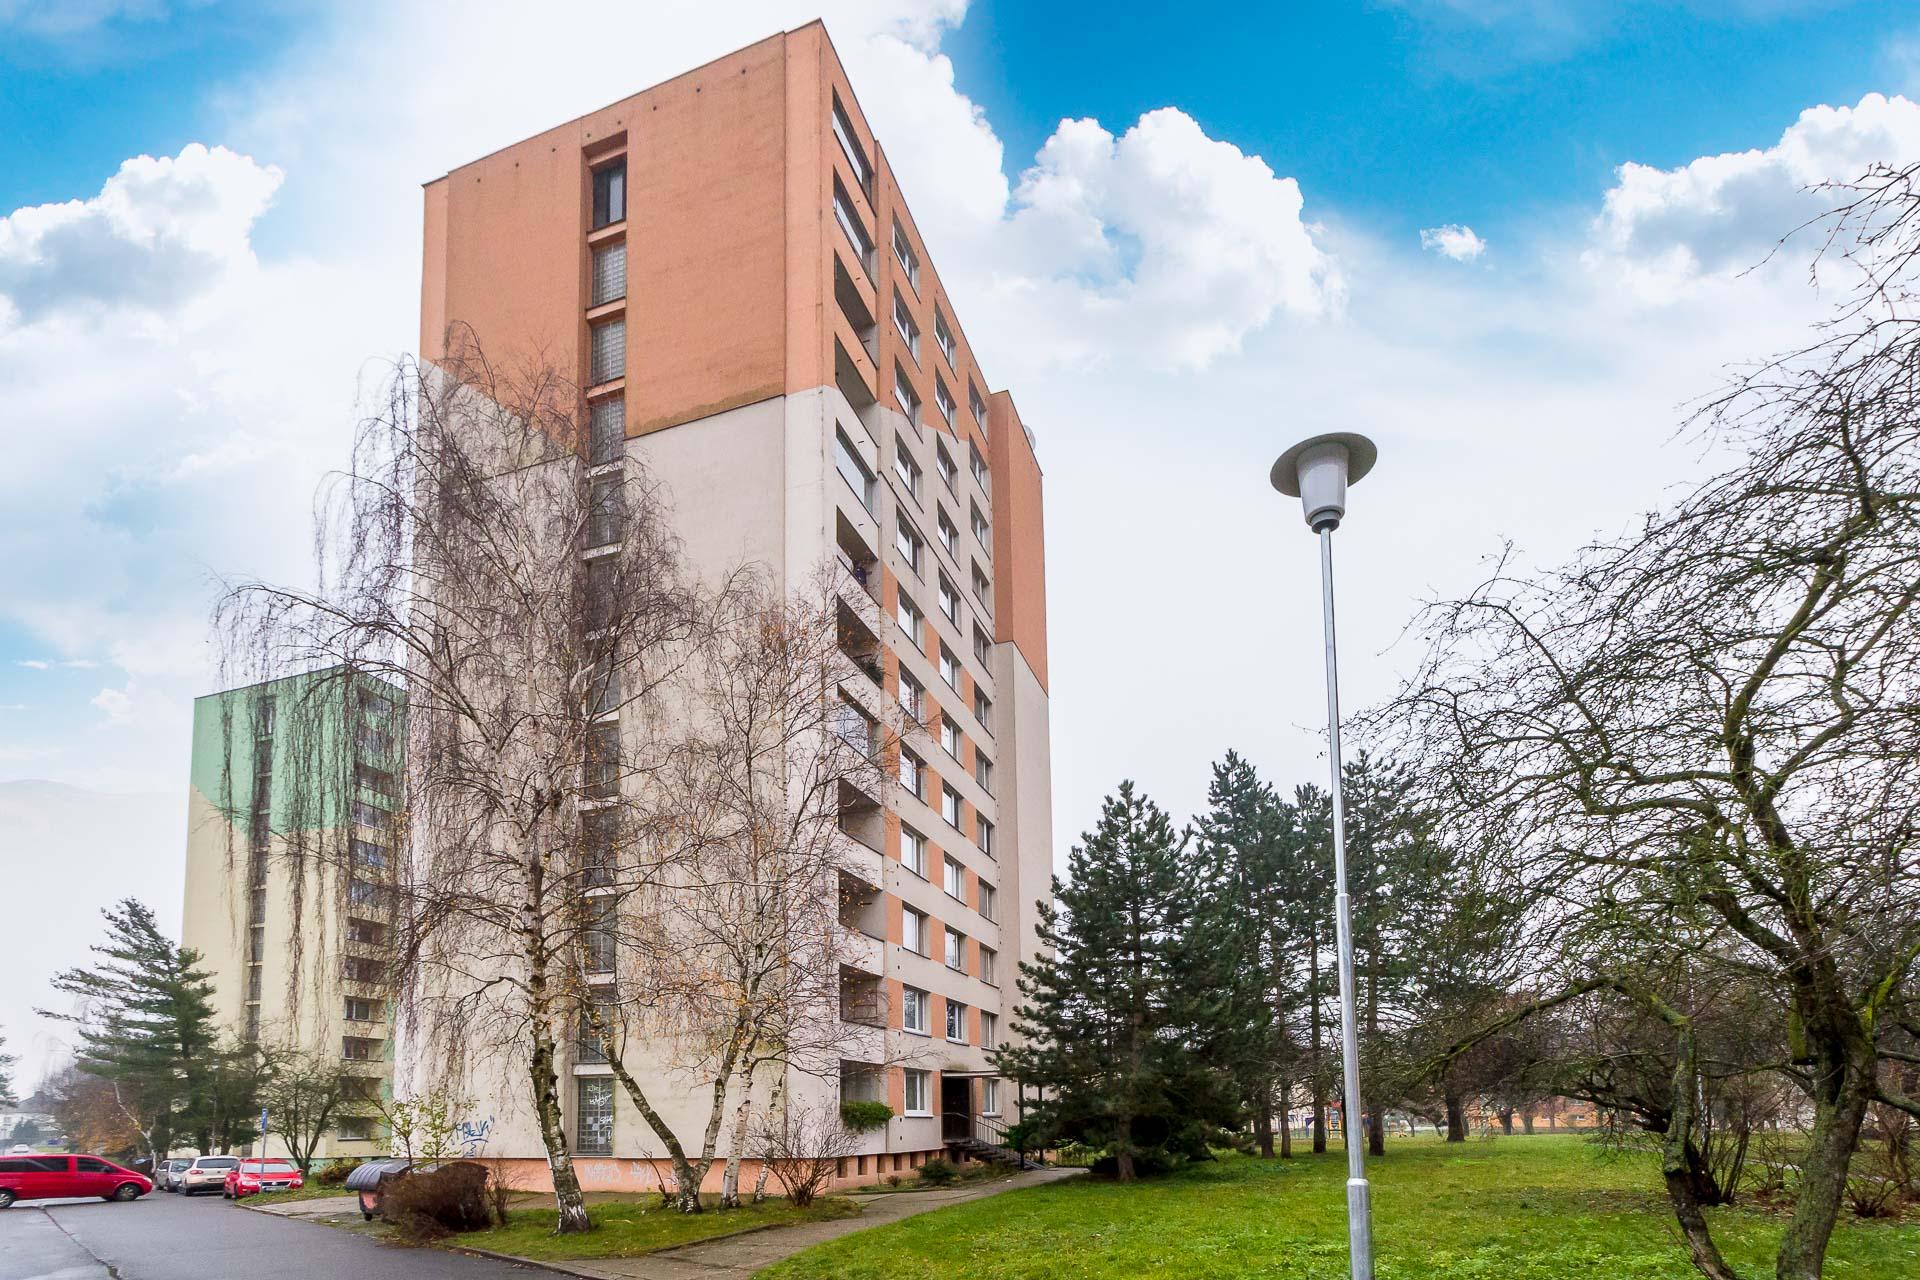 Prodej bytu 2+1 58 m² s garáží 16 m² Čelákovice